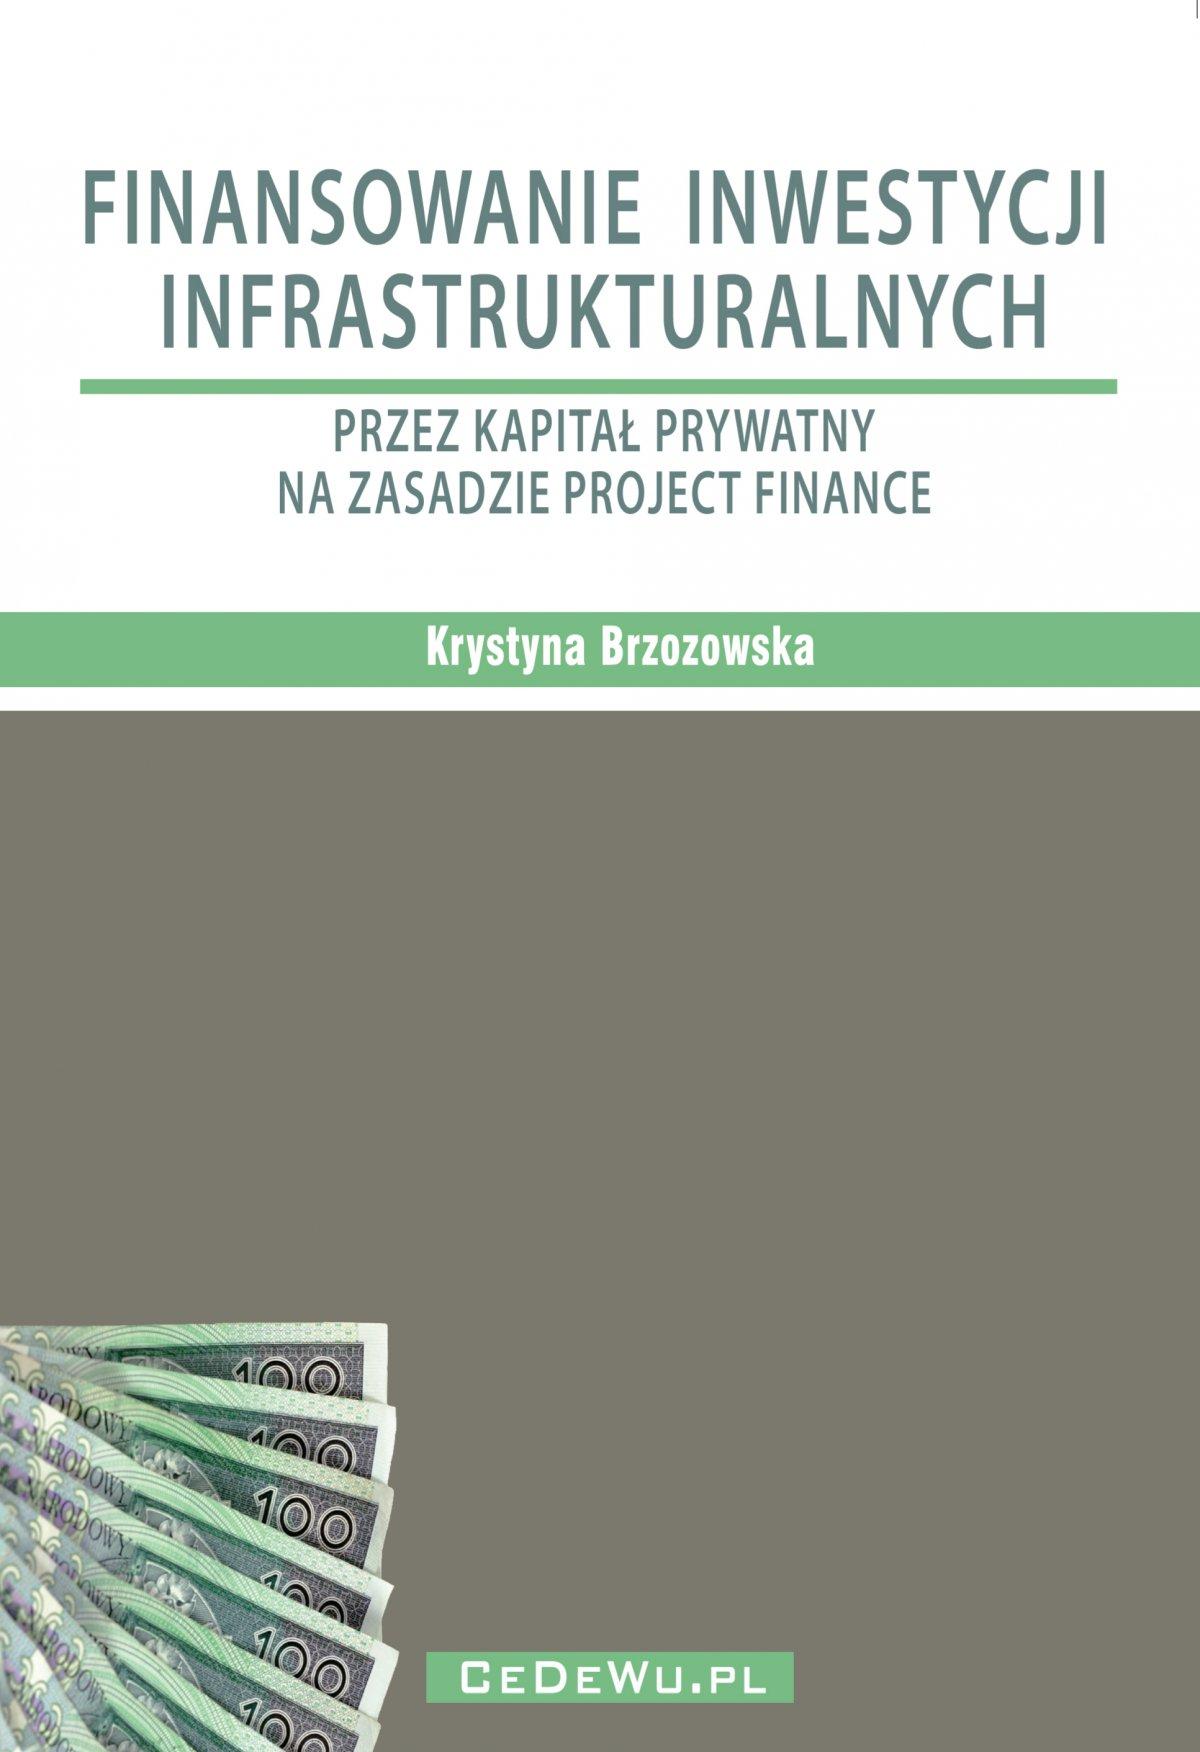 Finansowanie inwestycji infrastrukturalnych przez kapitał prywatny na zasadzie project finance (wyd. II). Rozdział 3. FORMY FINANSOWANIA PRZEZ KAPITAŁ PRYWATNY PROJEKTÓW INFRASTRUKTURALNYCH NA ZASADACH PROJECT FINANCE - Ebook (Książka PDF) do pobrania w formacie PDF